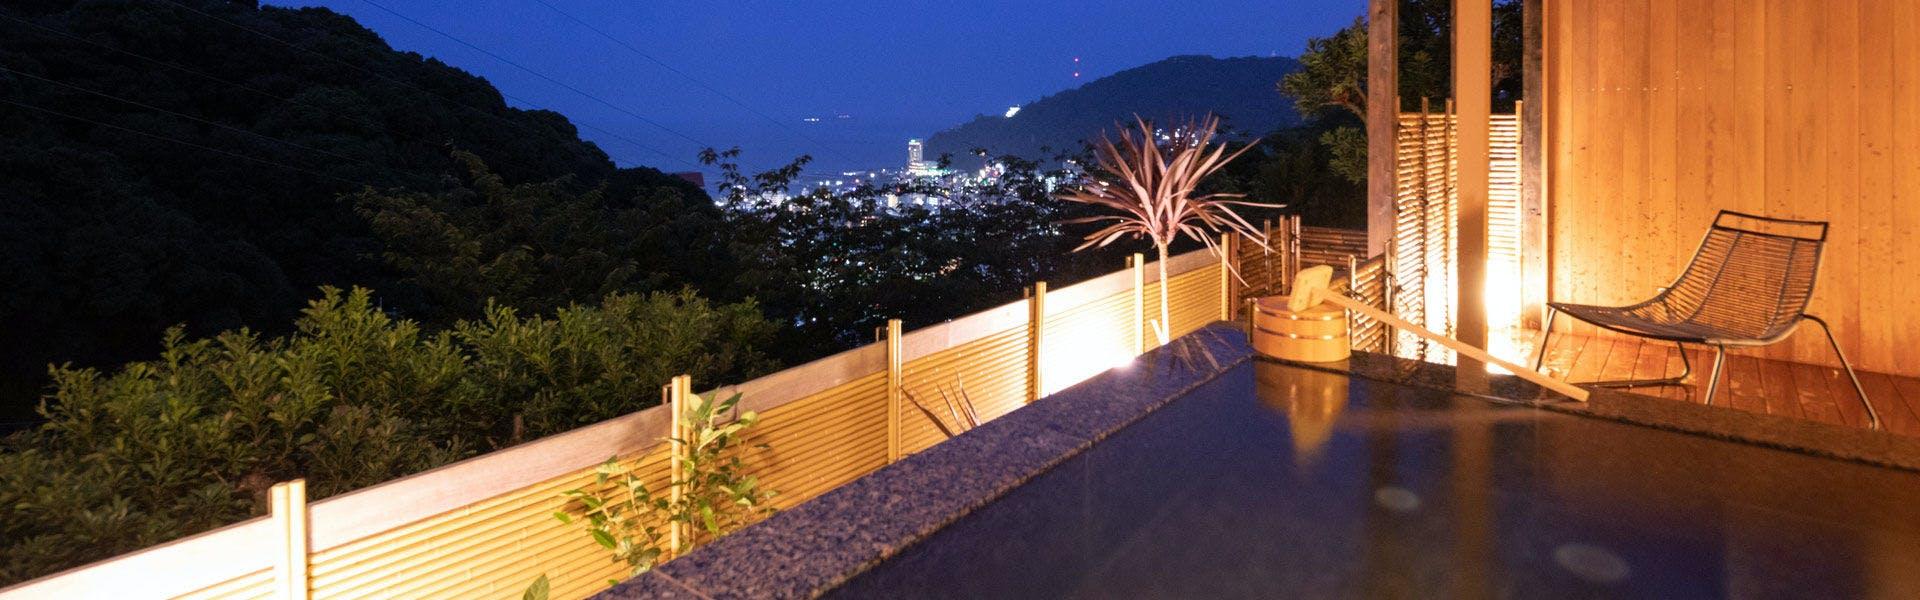 記念日におすすめのホテル・WA亭 風こみちの写真3